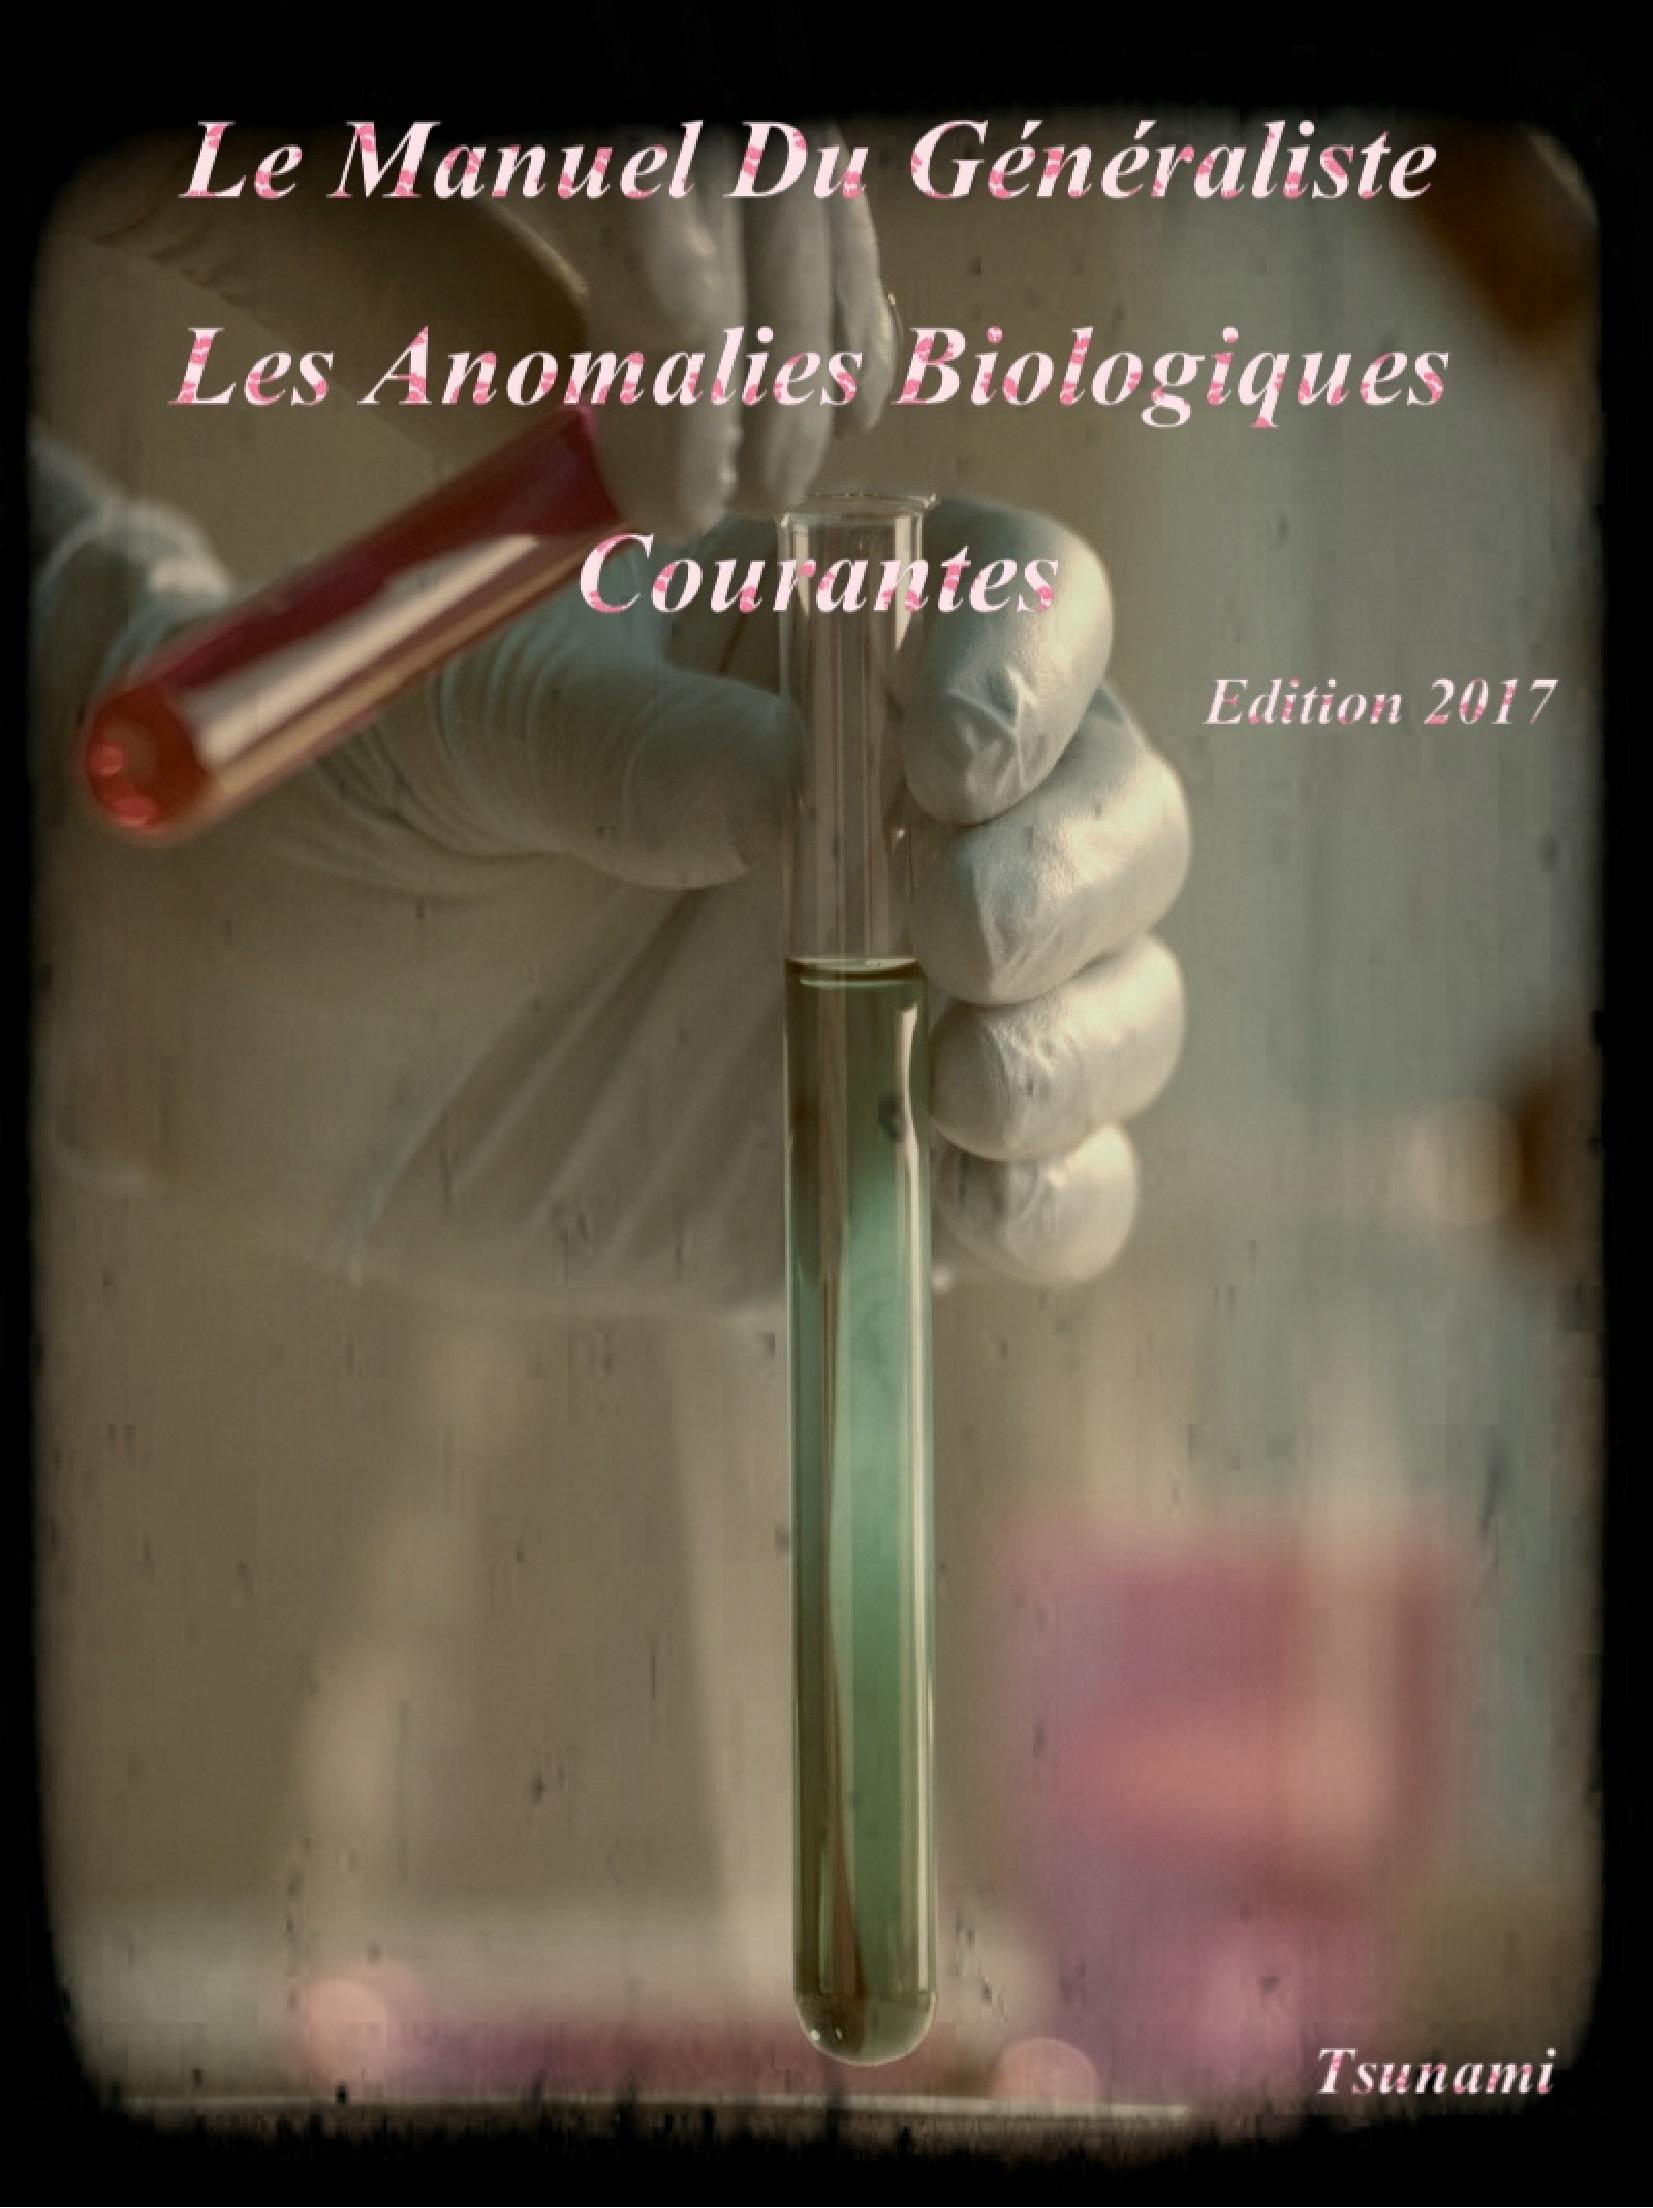 Livres Médicales - Le Manuel Du Généraliste 2017 Les Anomalies Biologiques Courantes Le_man21